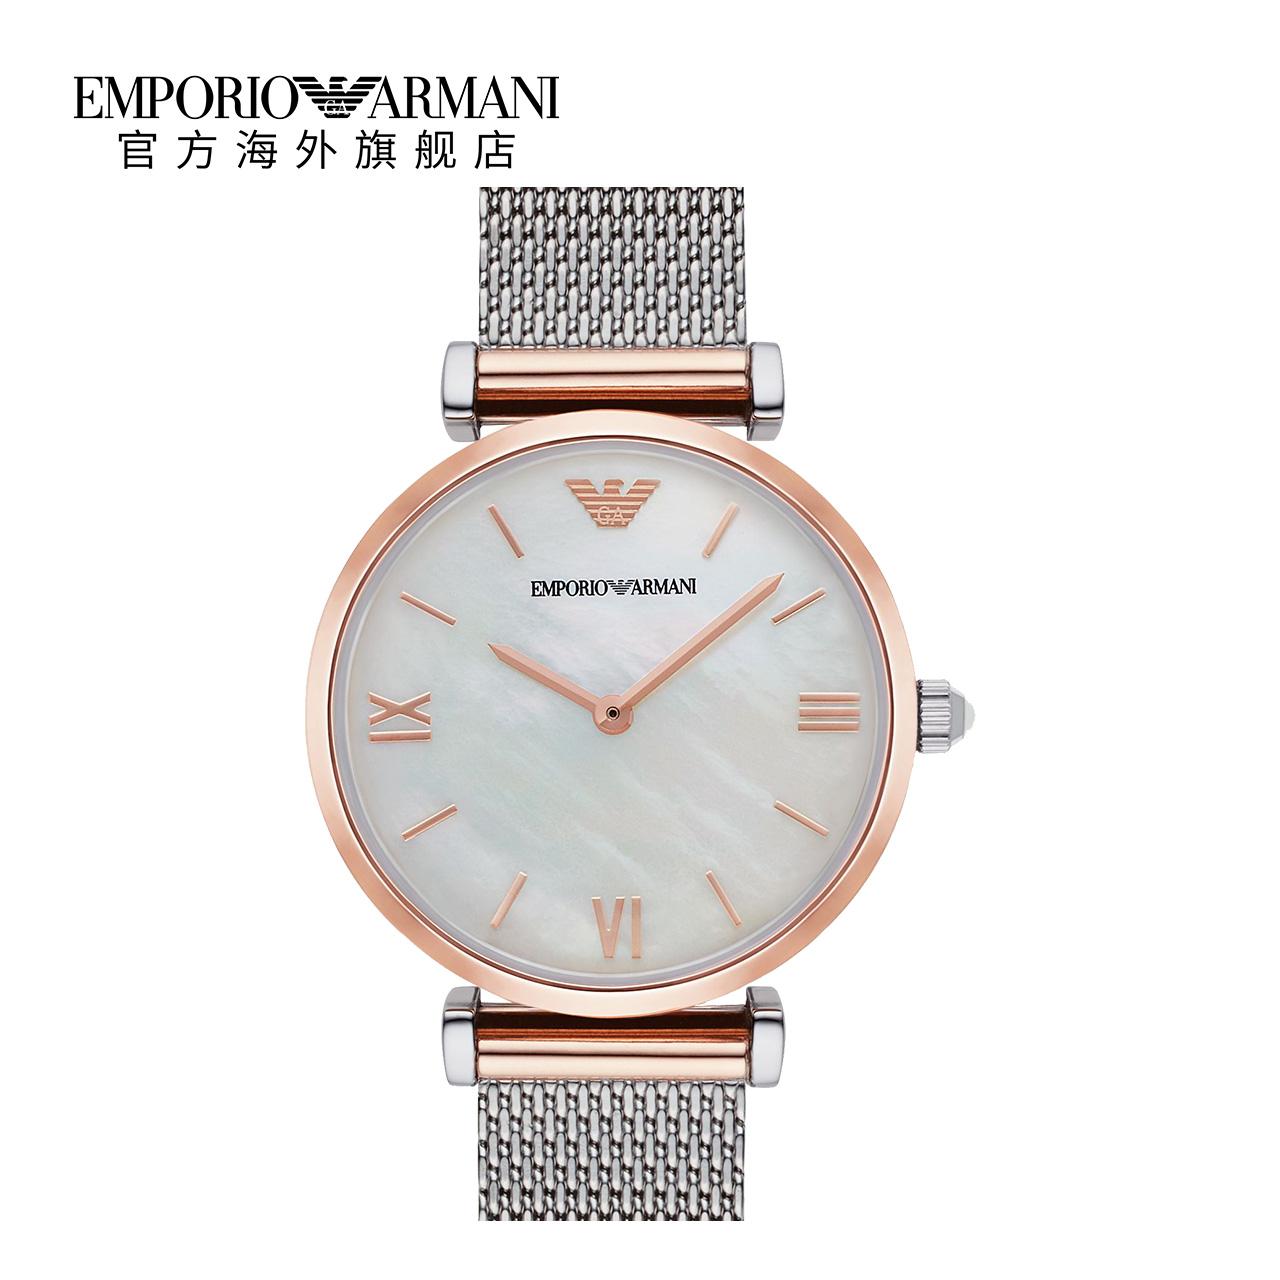 Armani阿玛尼官方旗舰店正品简约时尚 个性编织表带手表女AR2067